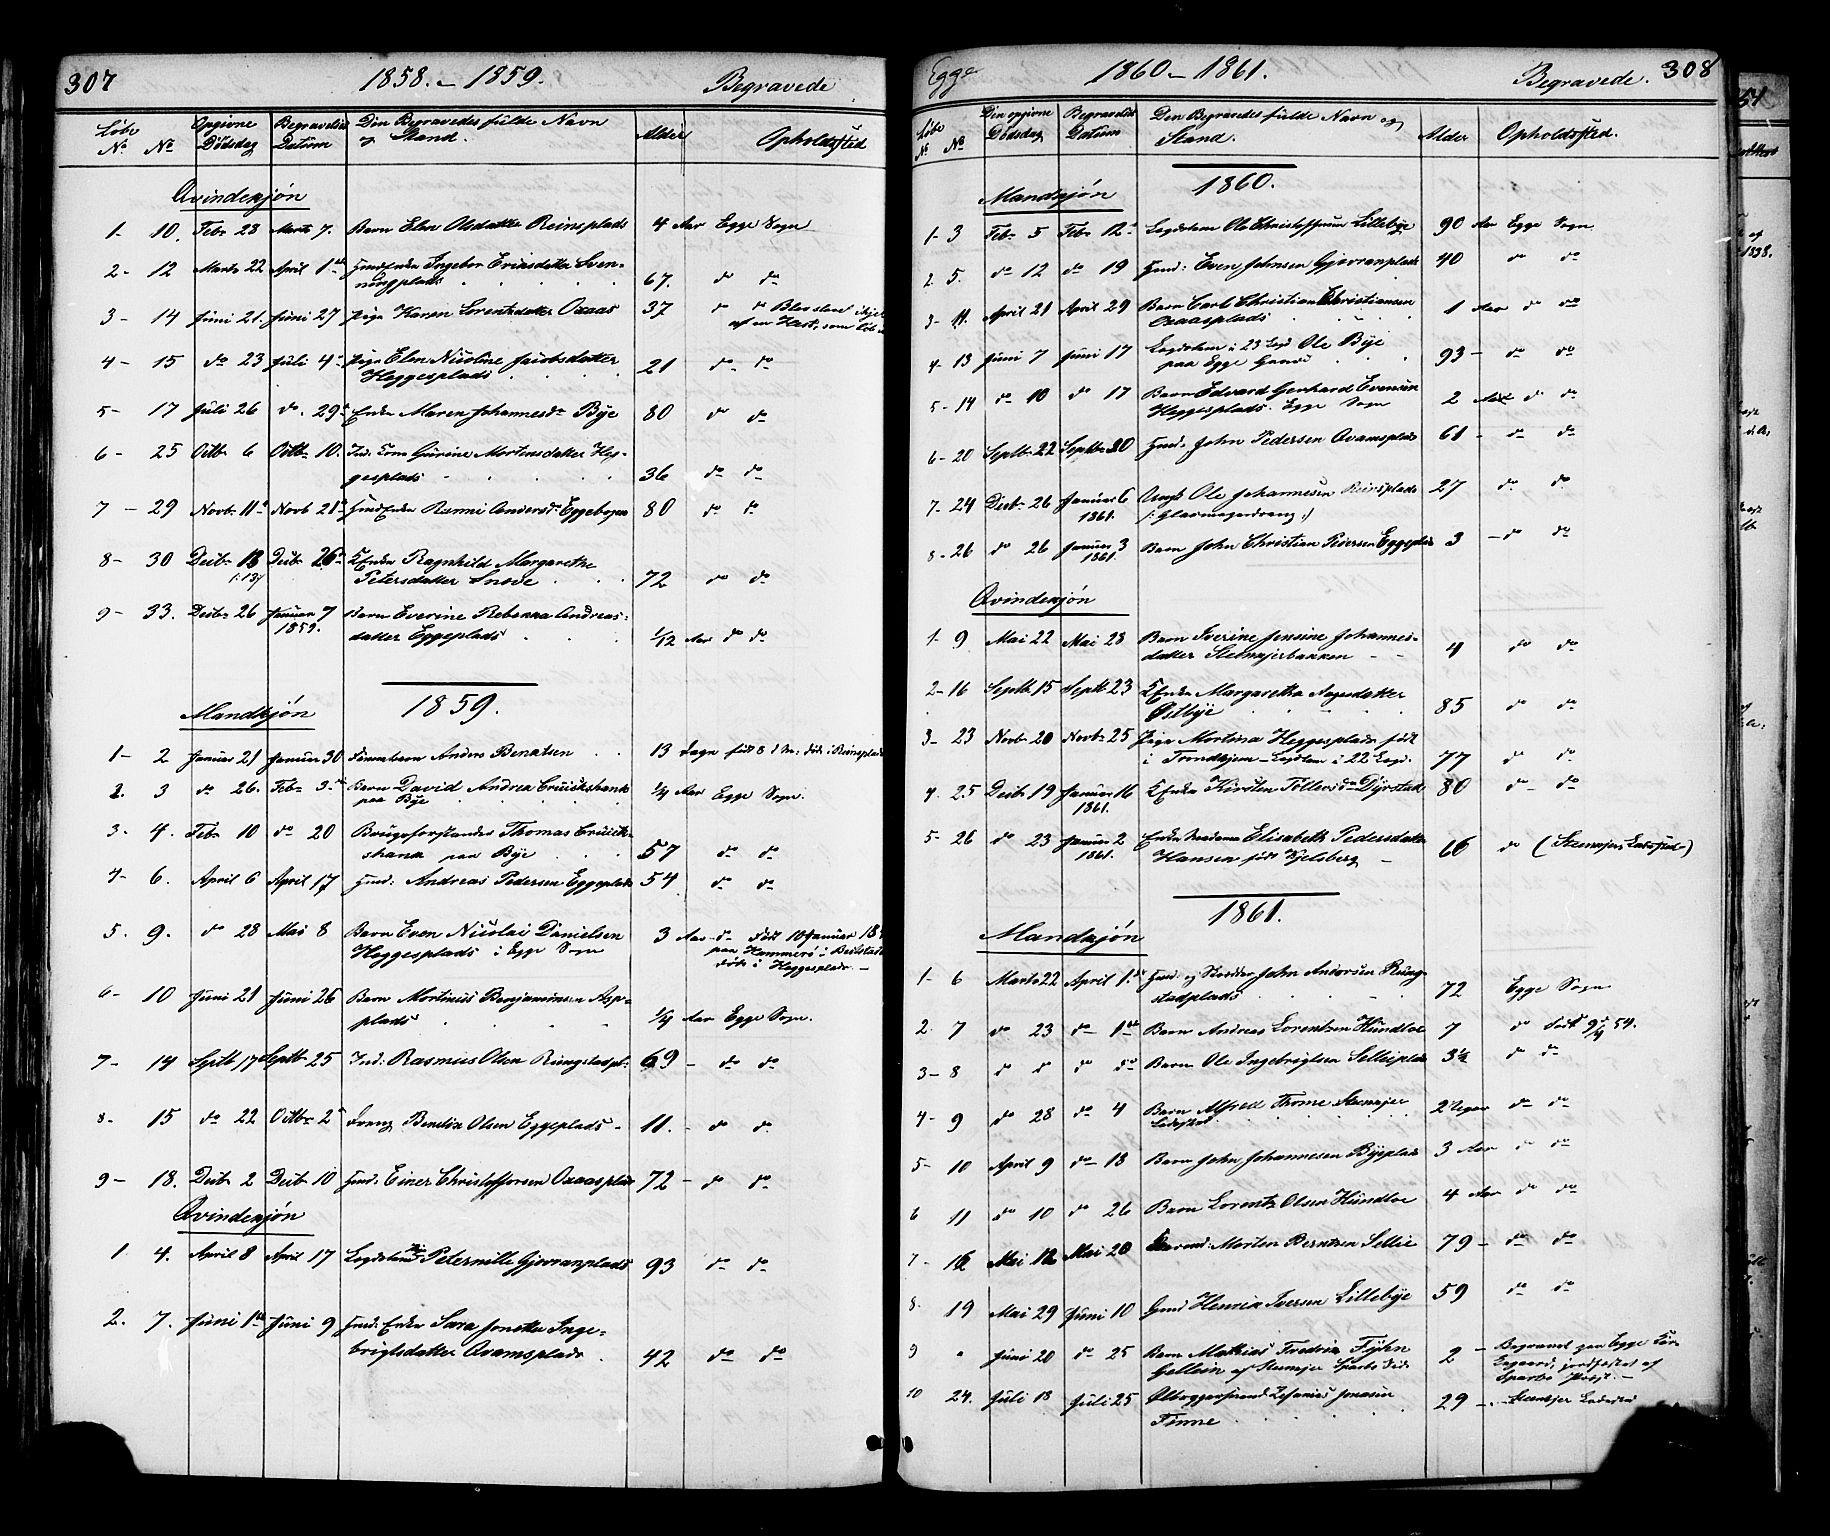 SAT, Ministerialprotokoller, klokkerbøker og fødselsregistre - Nord-Trøndelag, 739/L0367: Ministerialbok nr. 739A01 /3, 1838-1868, s. 307-308